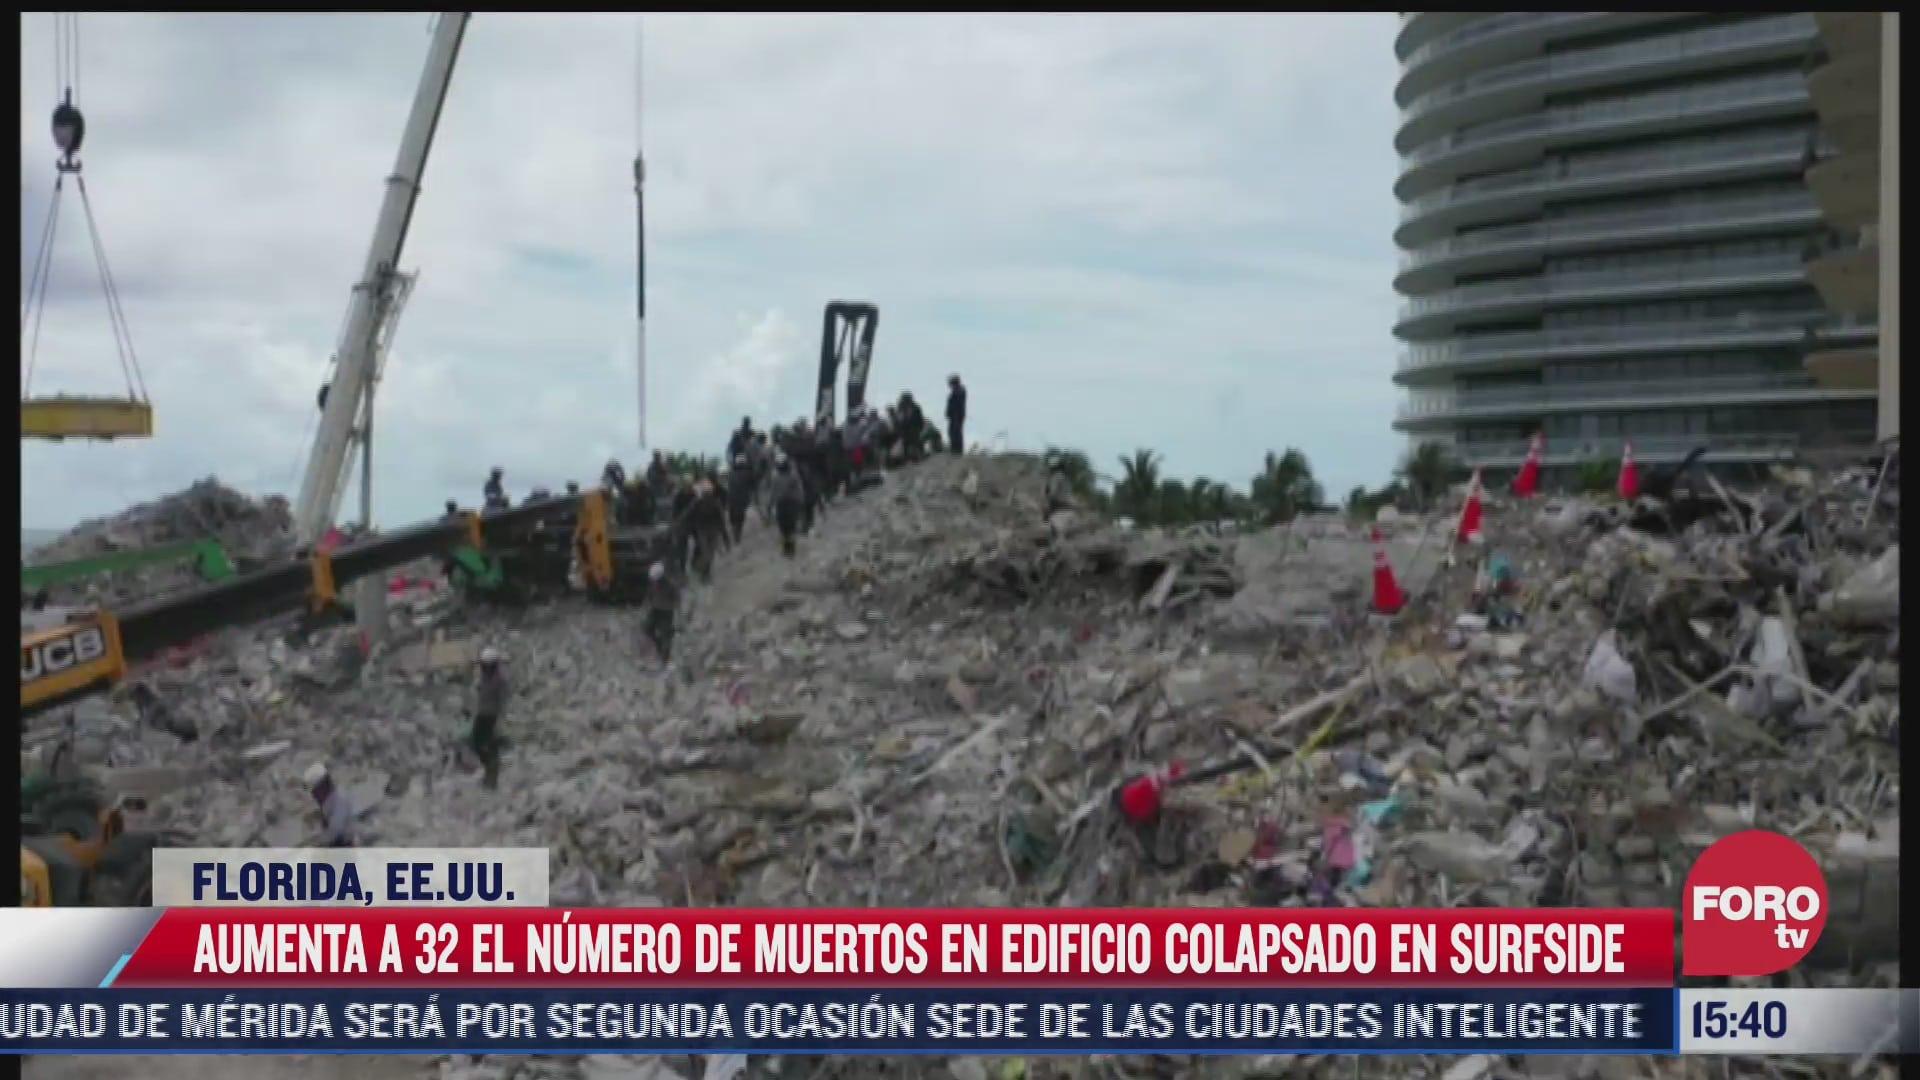 suman 32 muertos en edificio colapsado en surfside miami